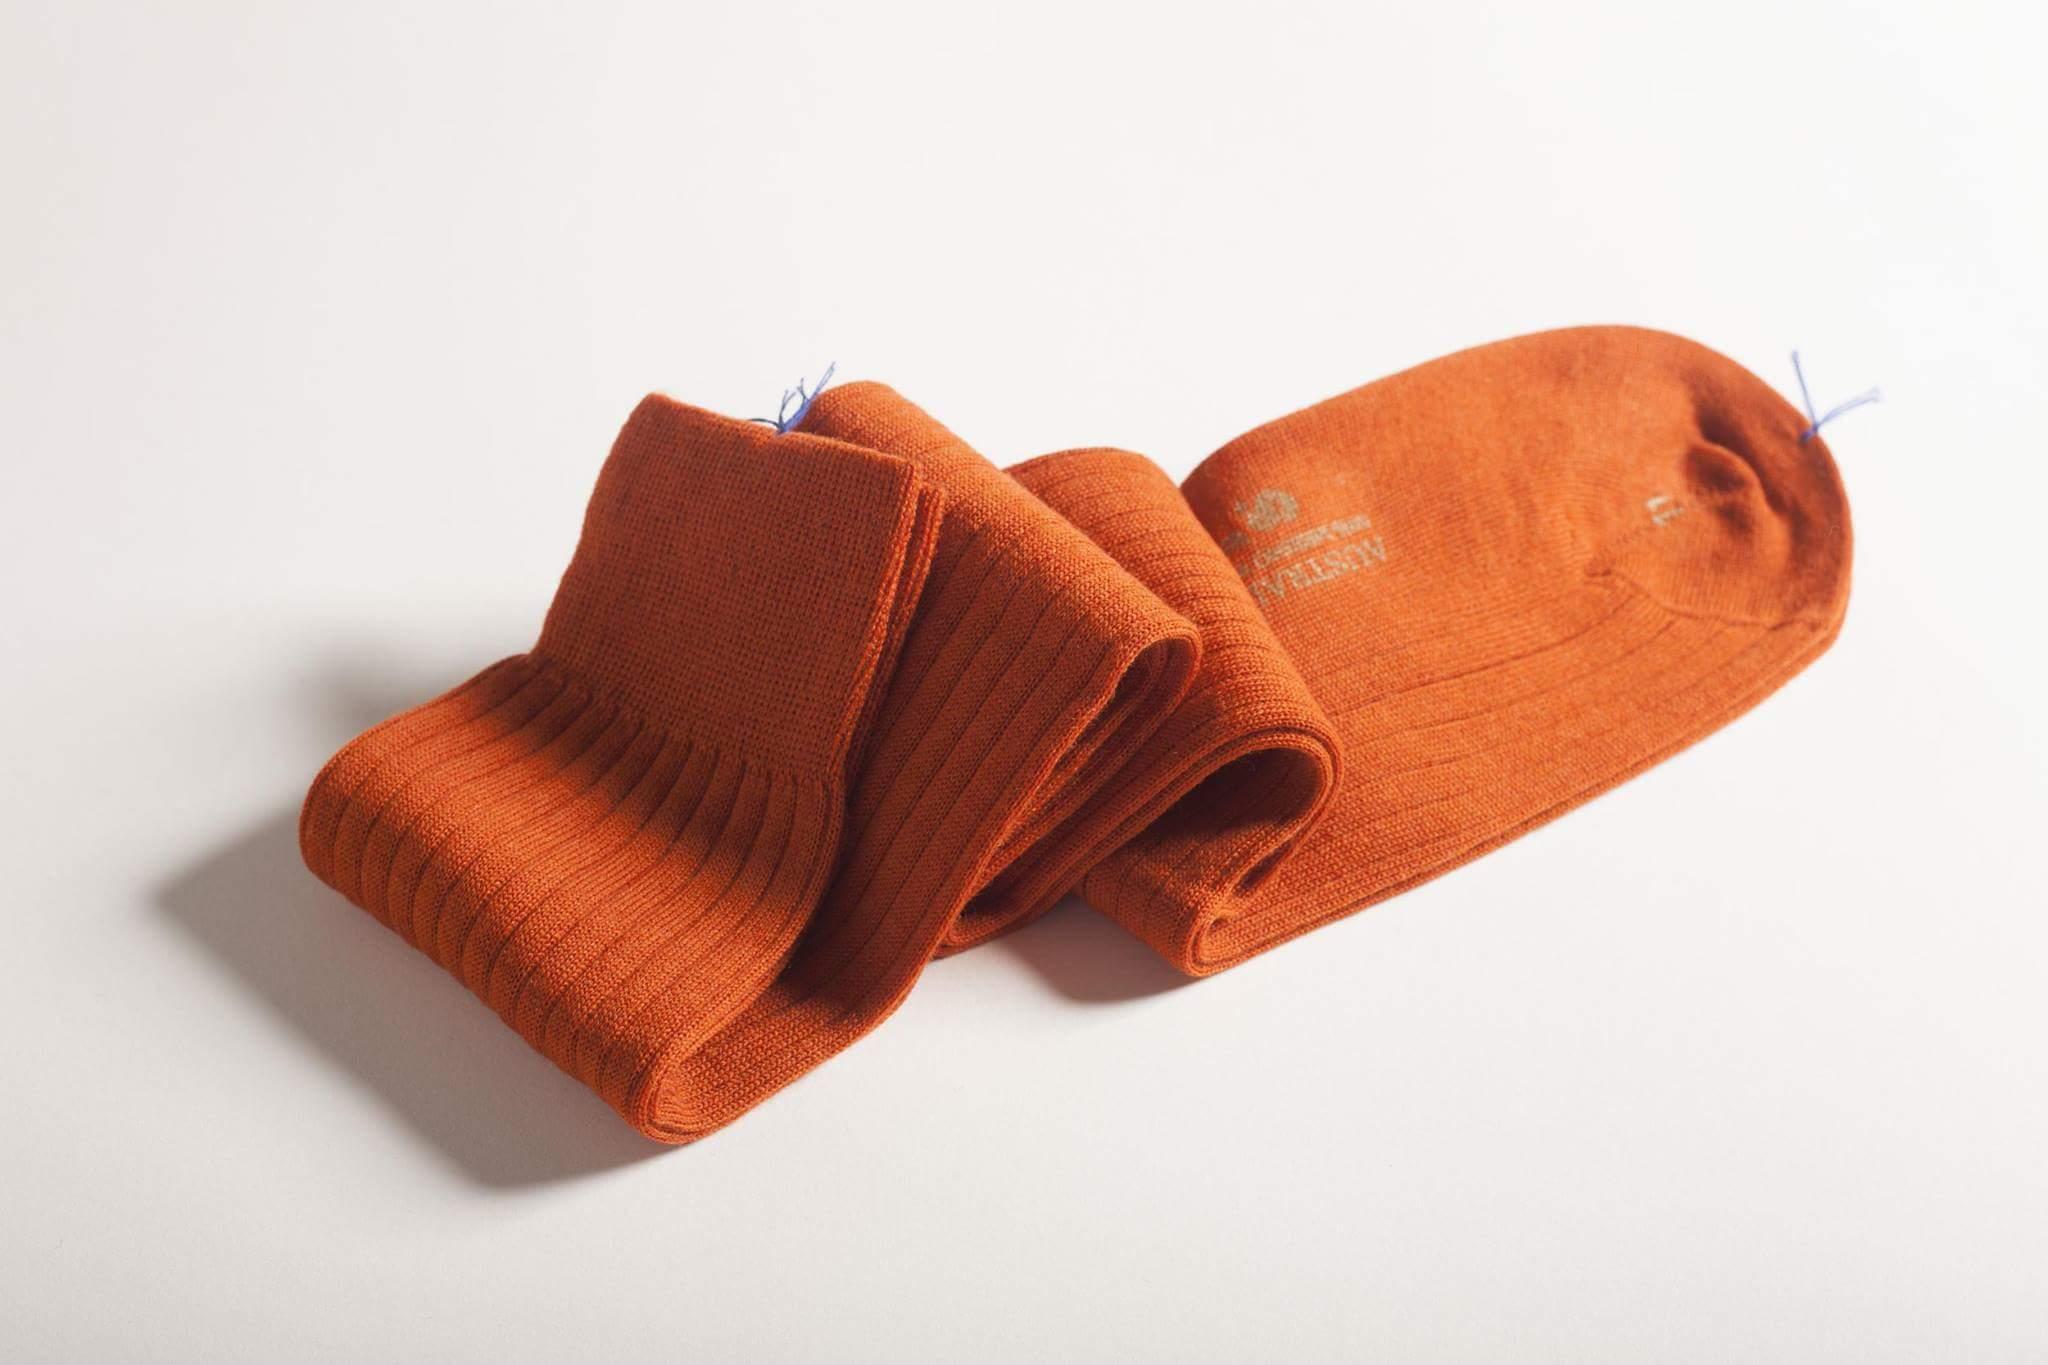 sockor eller sockar